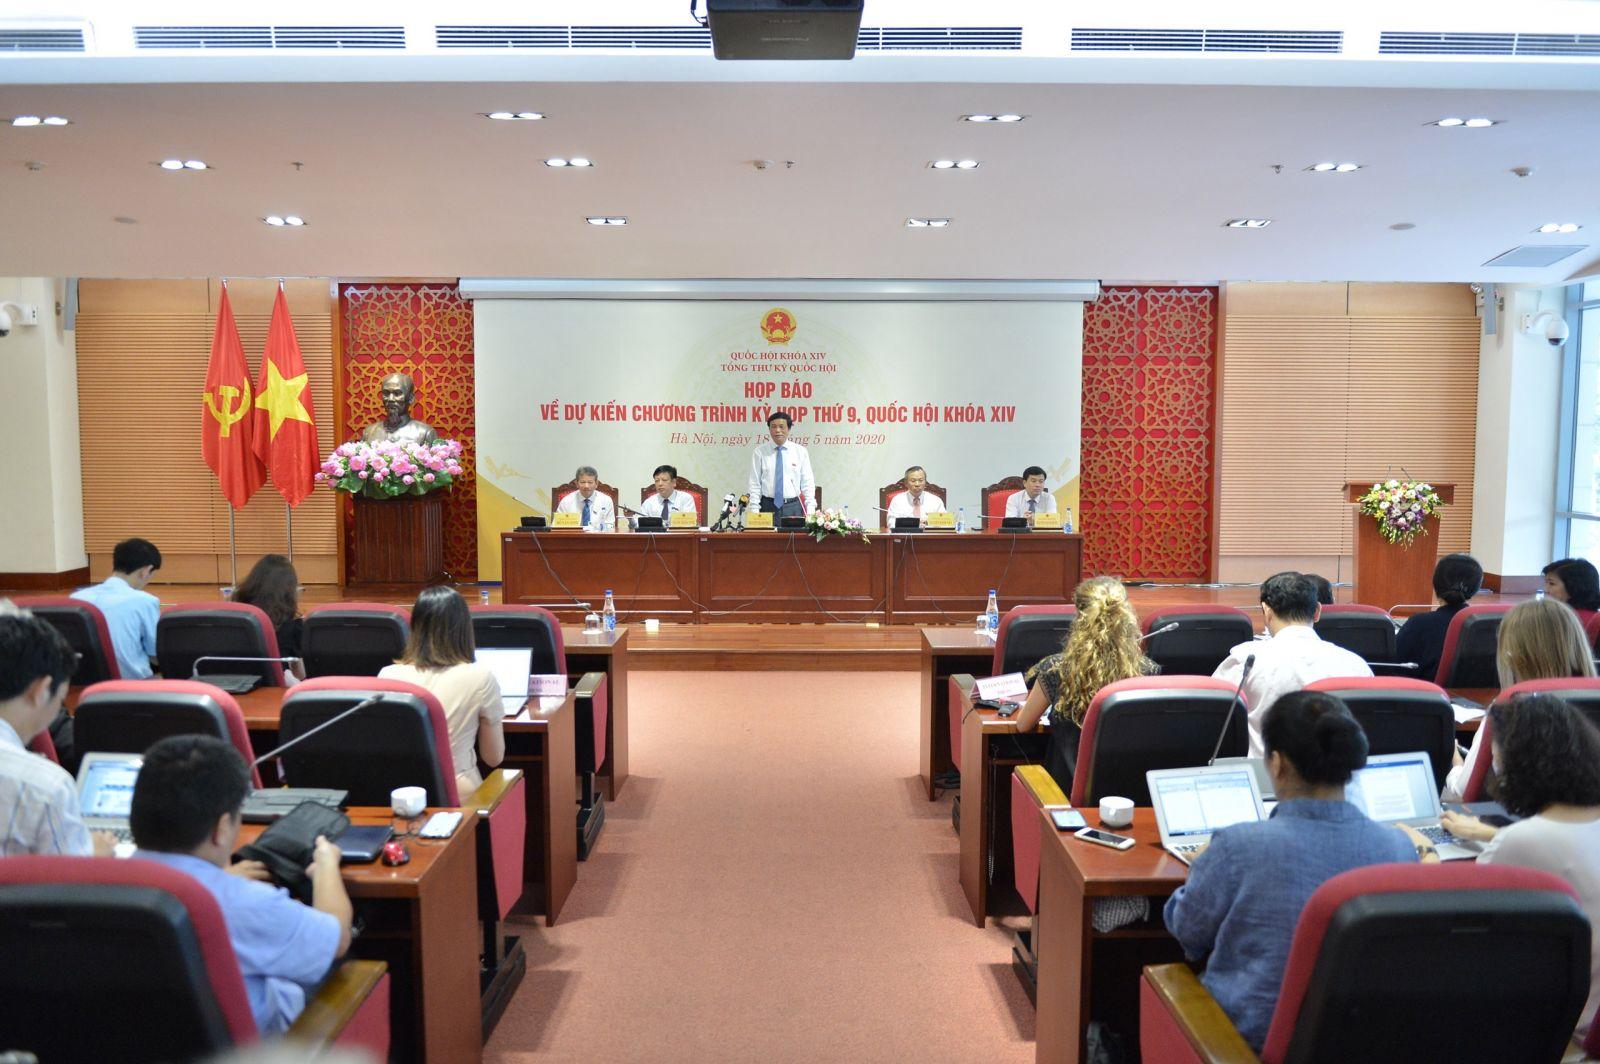 Tổng Thư ký Quốc hội, Chủ nhiệm Văn phòng Quốc hội Nguyễn Hạnh Phúc chủ trì họp báo. Ảnh: VGP/Nhật Bắc